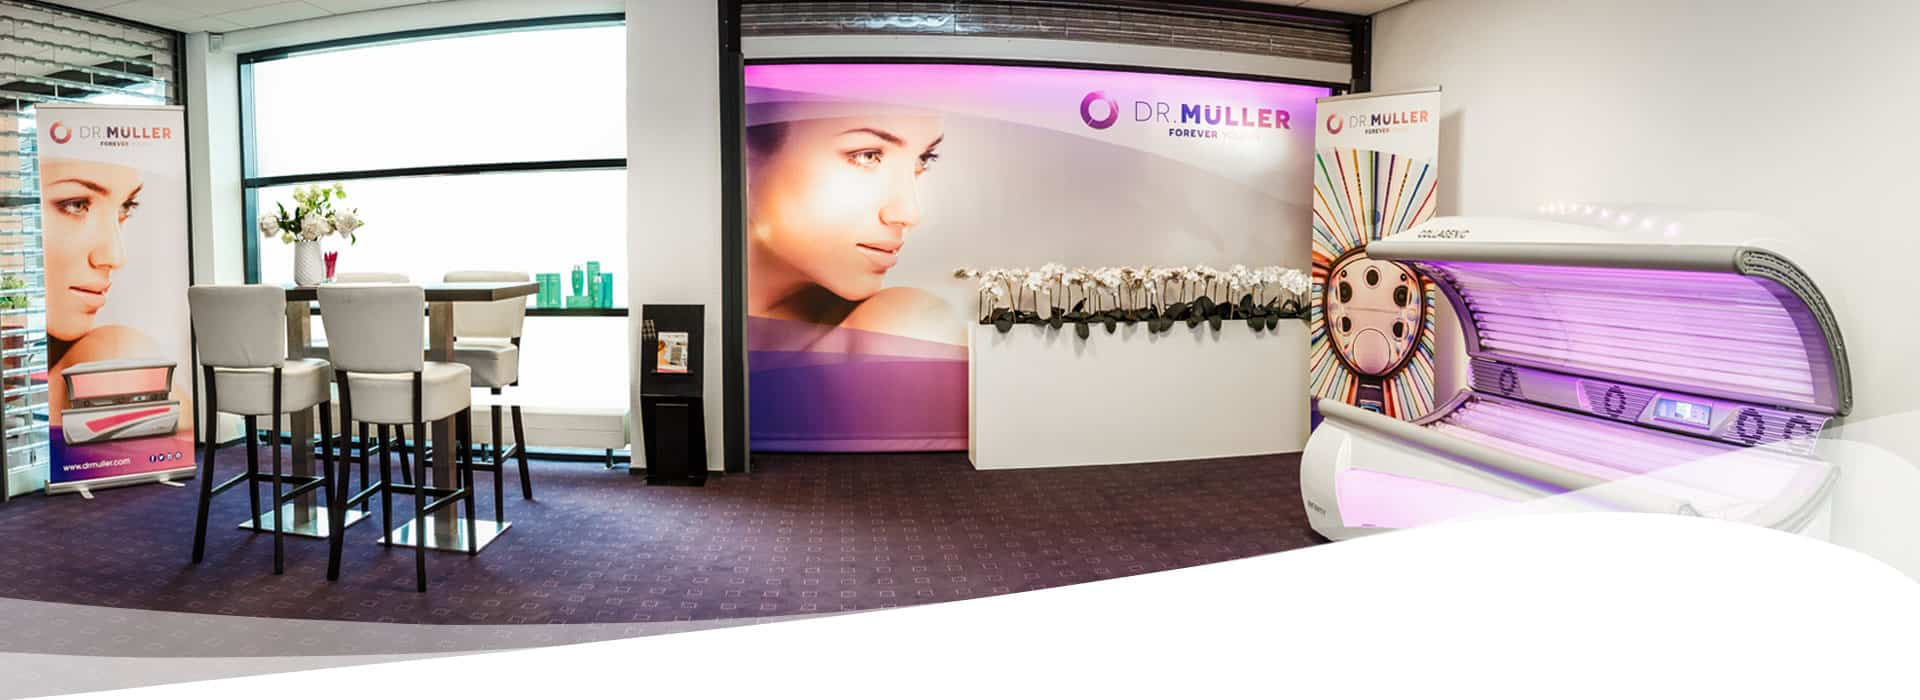 Dr. Muller showroom